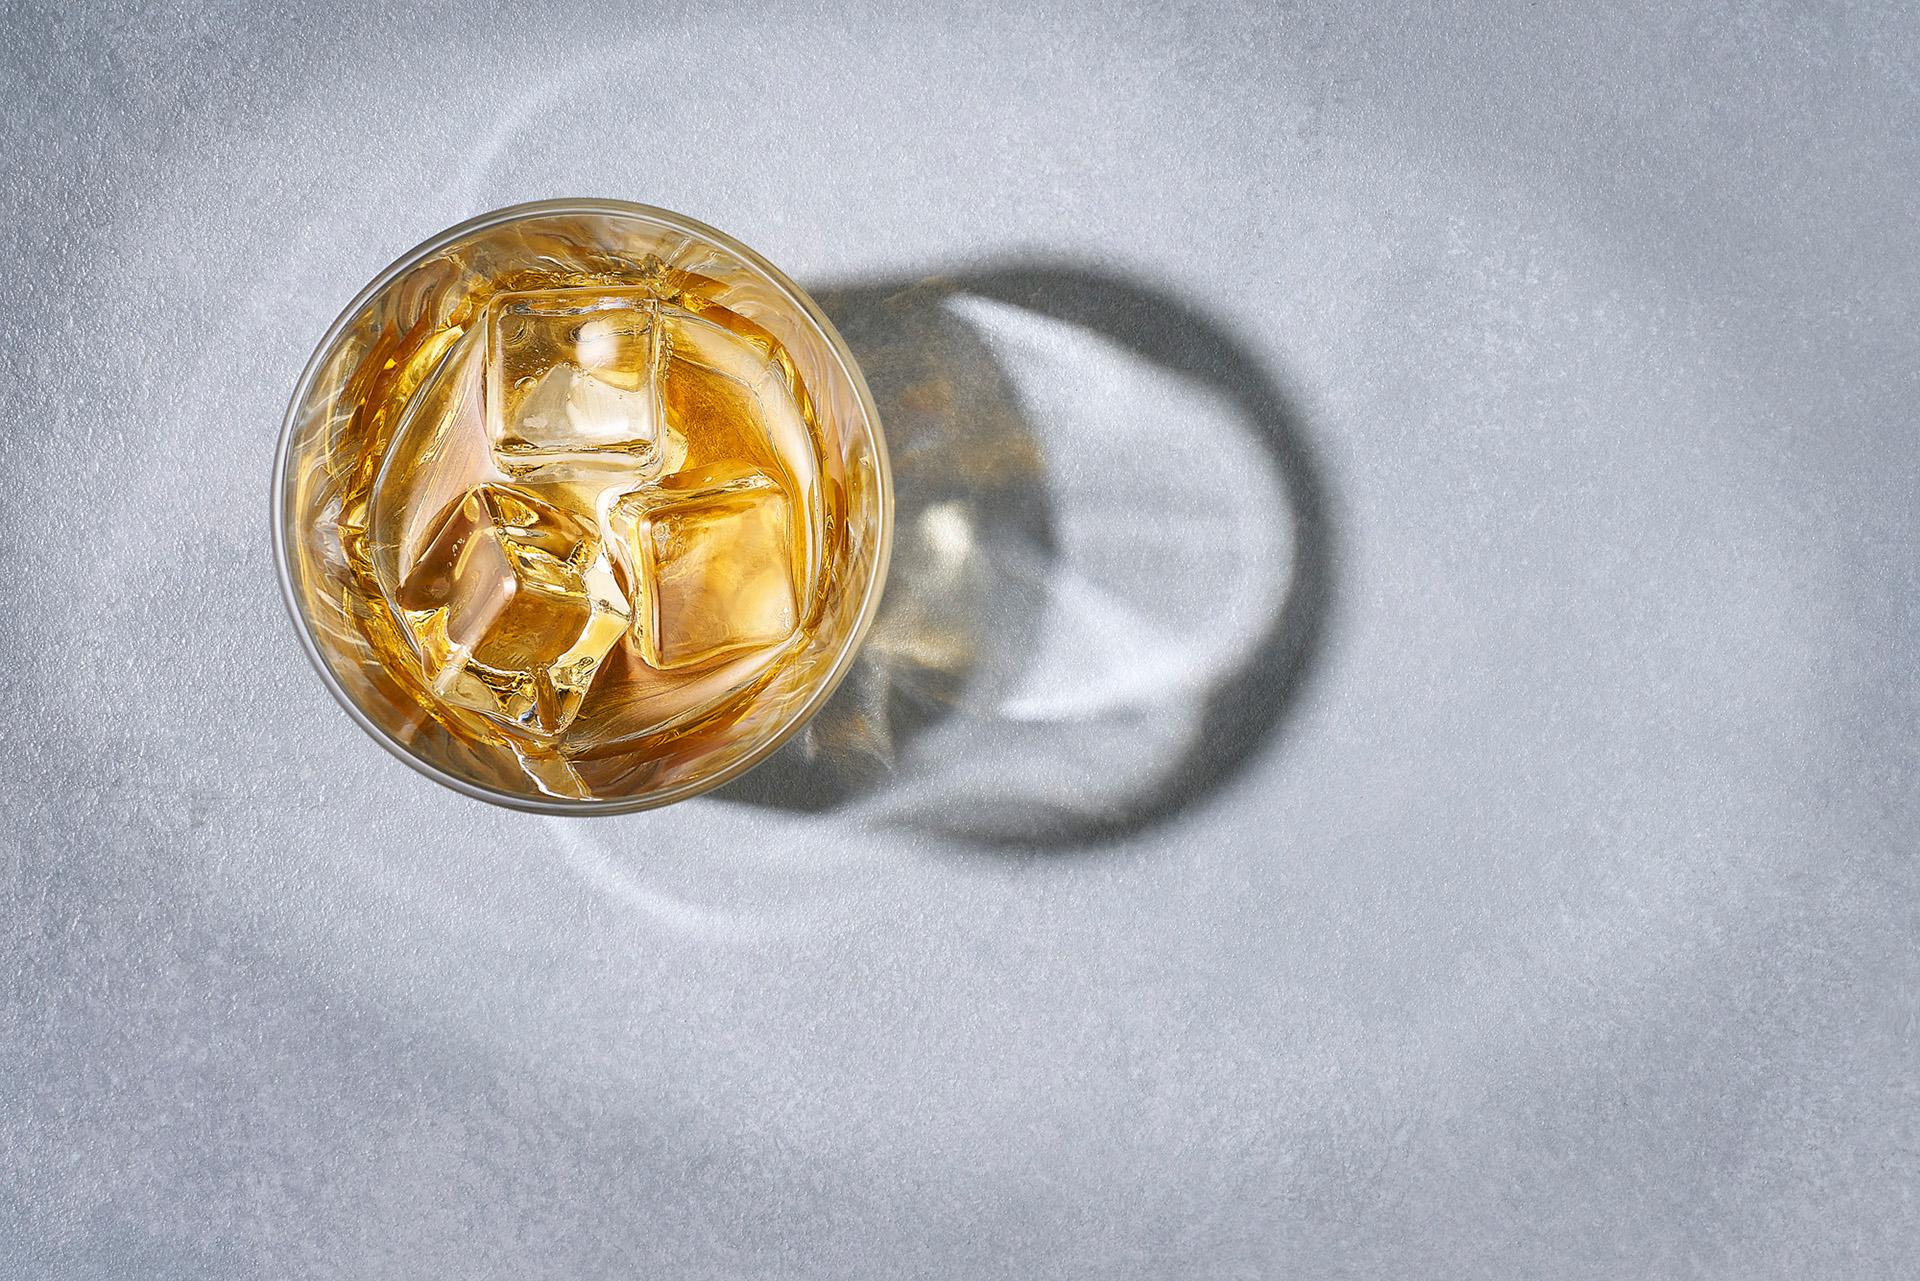 makers mark whisky - fotograf: holger puhl